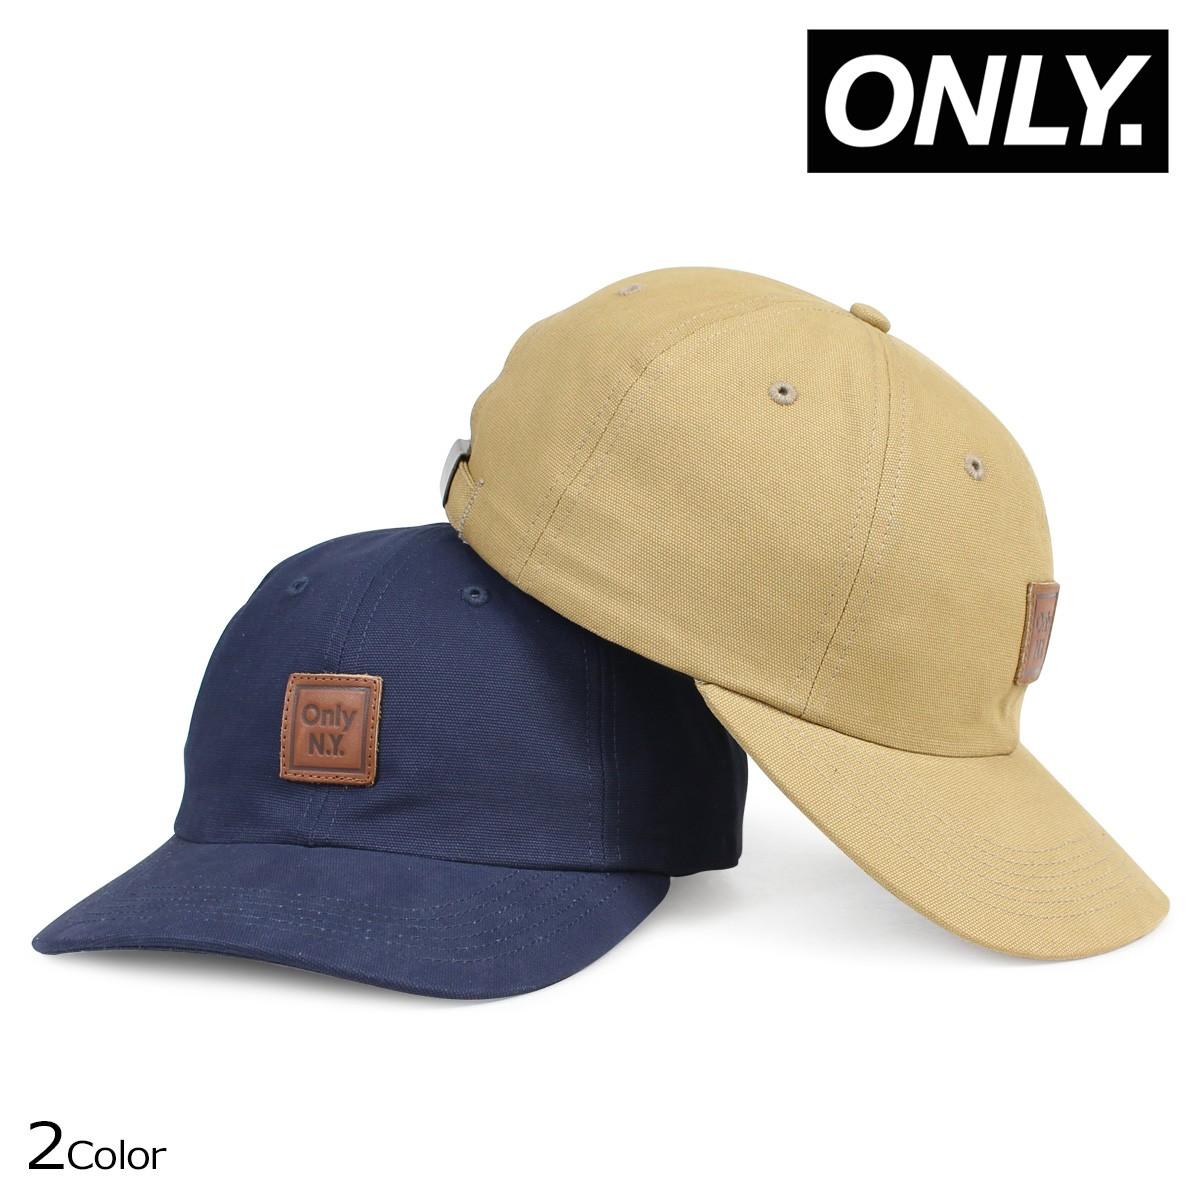 ONLY NY オンリーニューヨーク キャップ 帽子 メンズ レディース CUBE POLO HAT ネイビー ベージュ [1/19 新入荷]